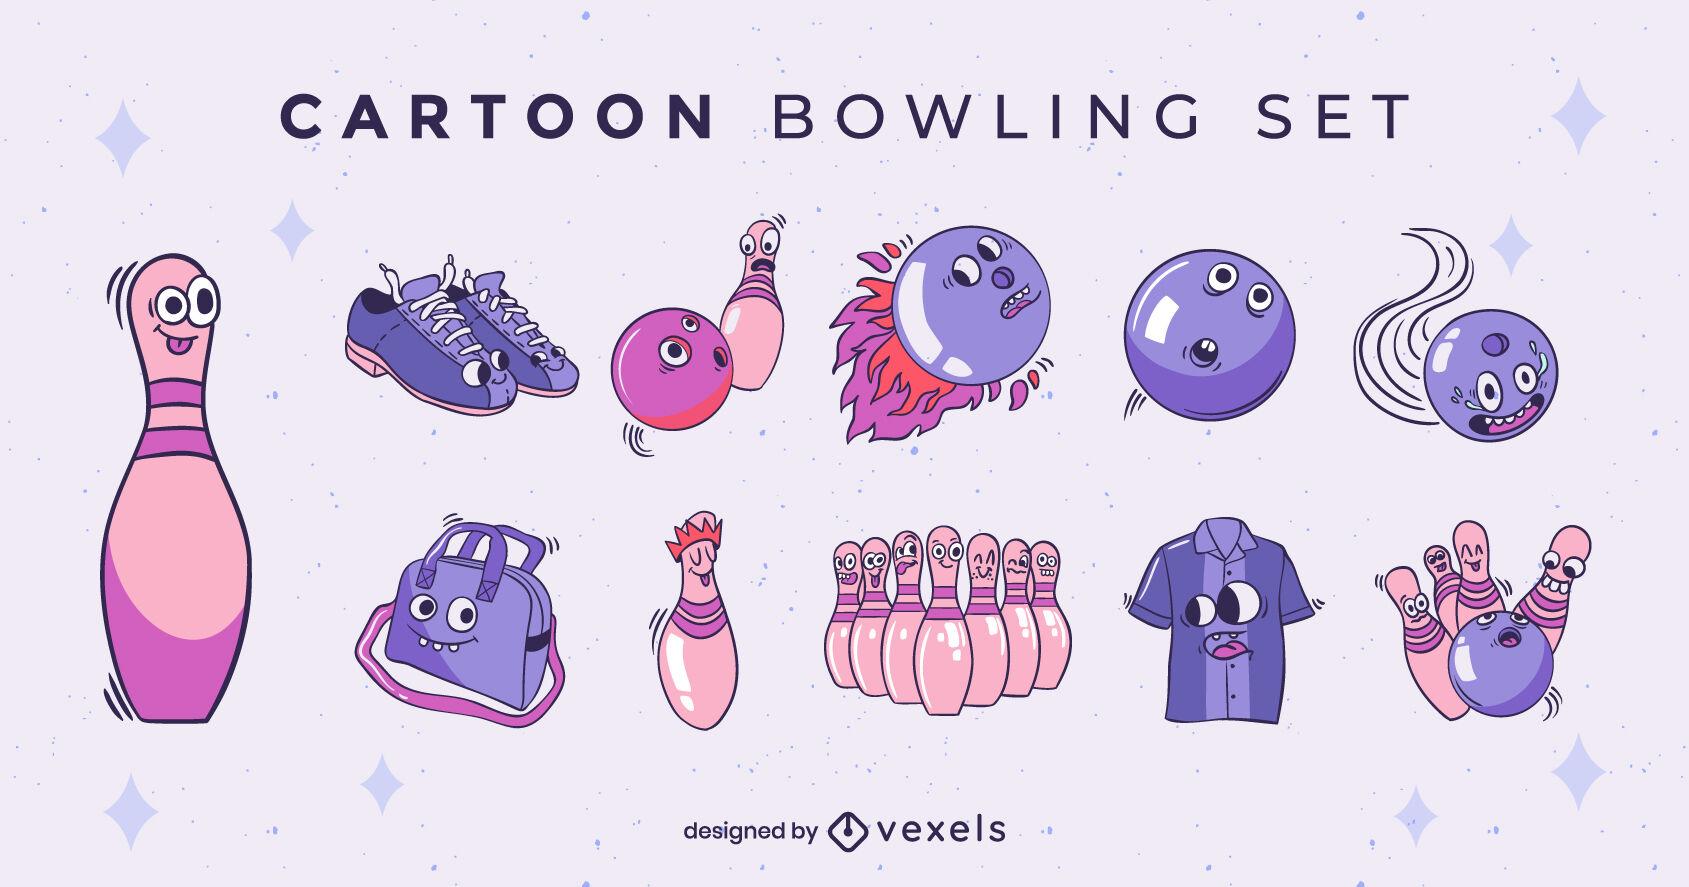 Bowling characters cartoon set